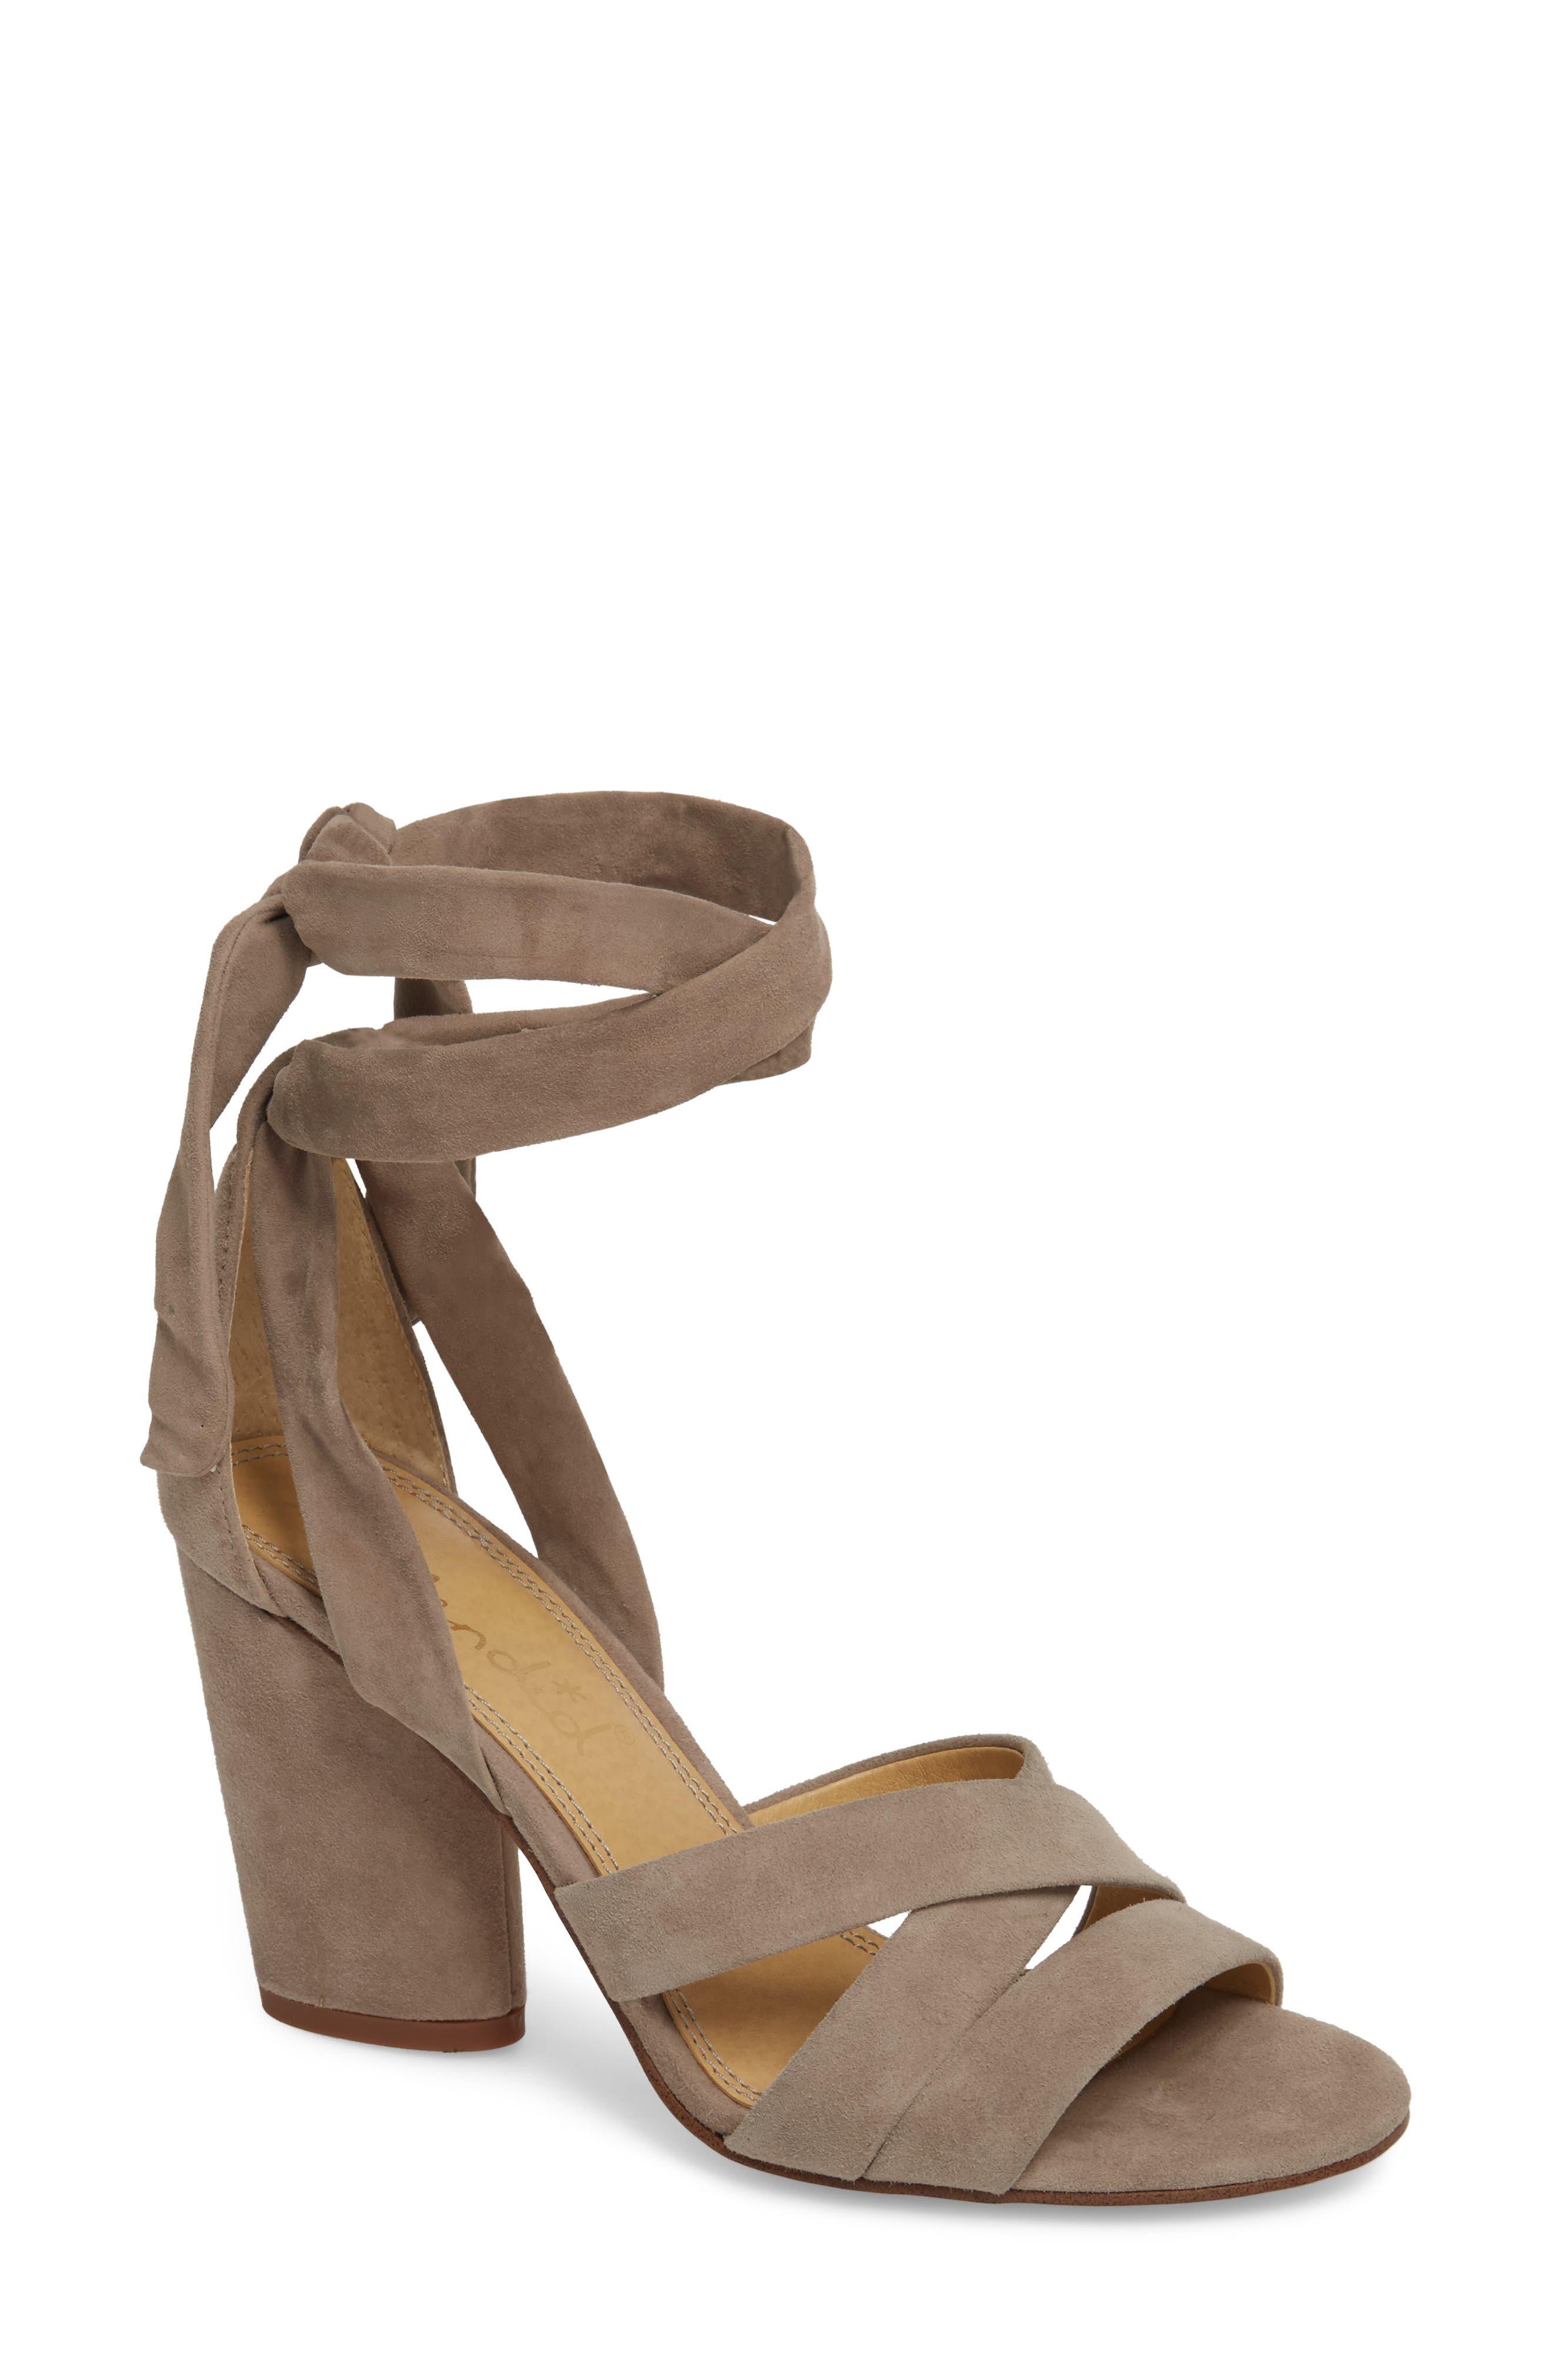 Splendid Women's Fergie Lace-Up Sandal